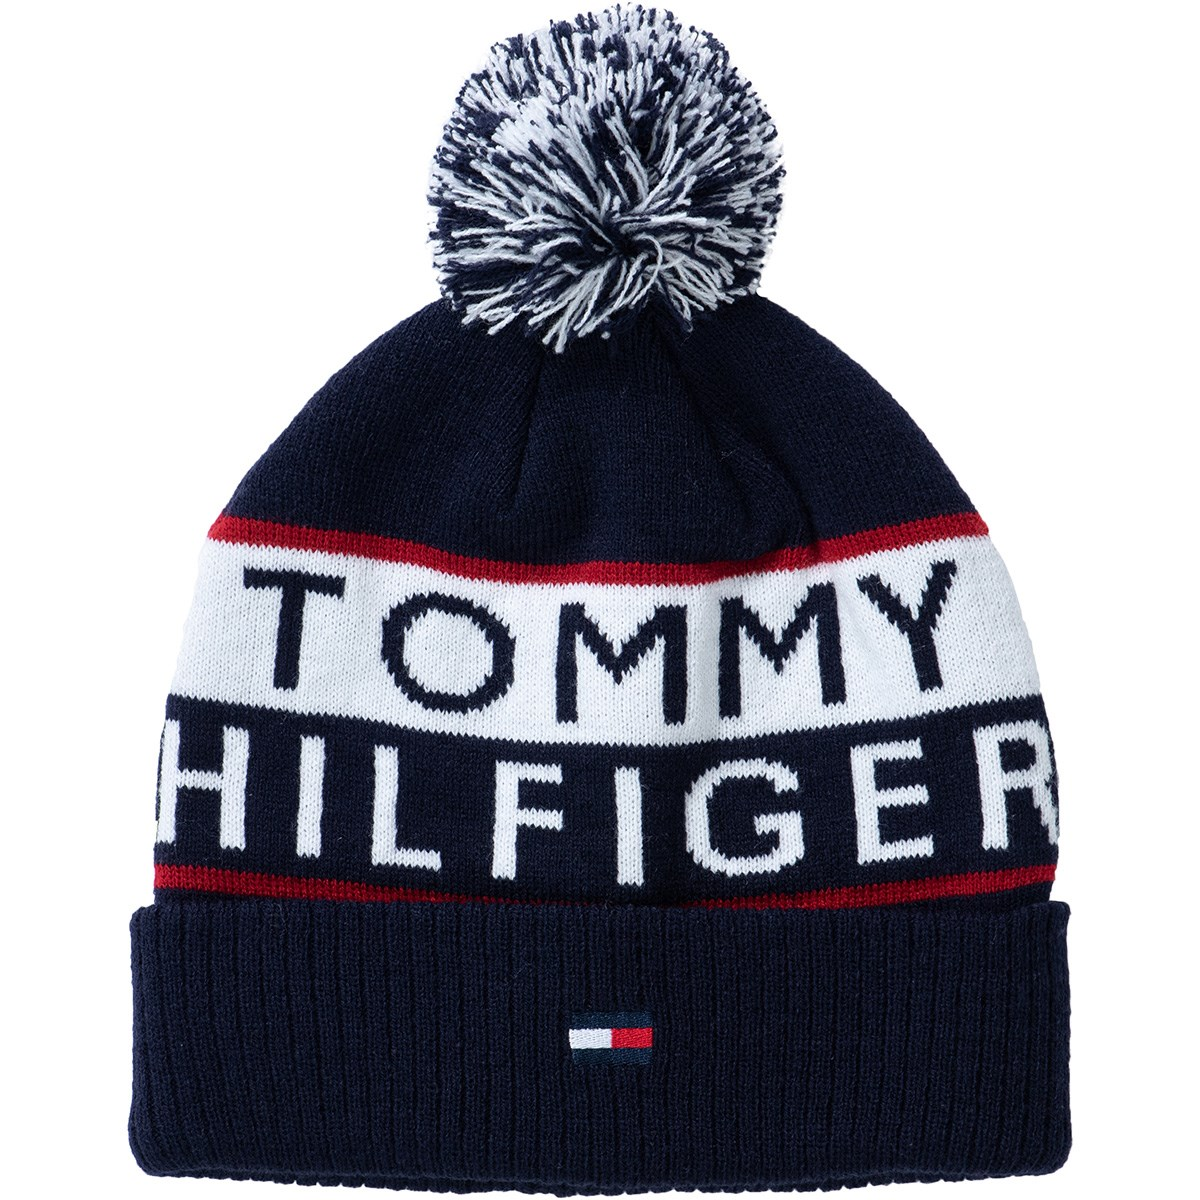 トミー ヒルフィガー ゴルフ TOMMY HILFIGER GOLF ビーニー フリー ネイビー 30 レディス